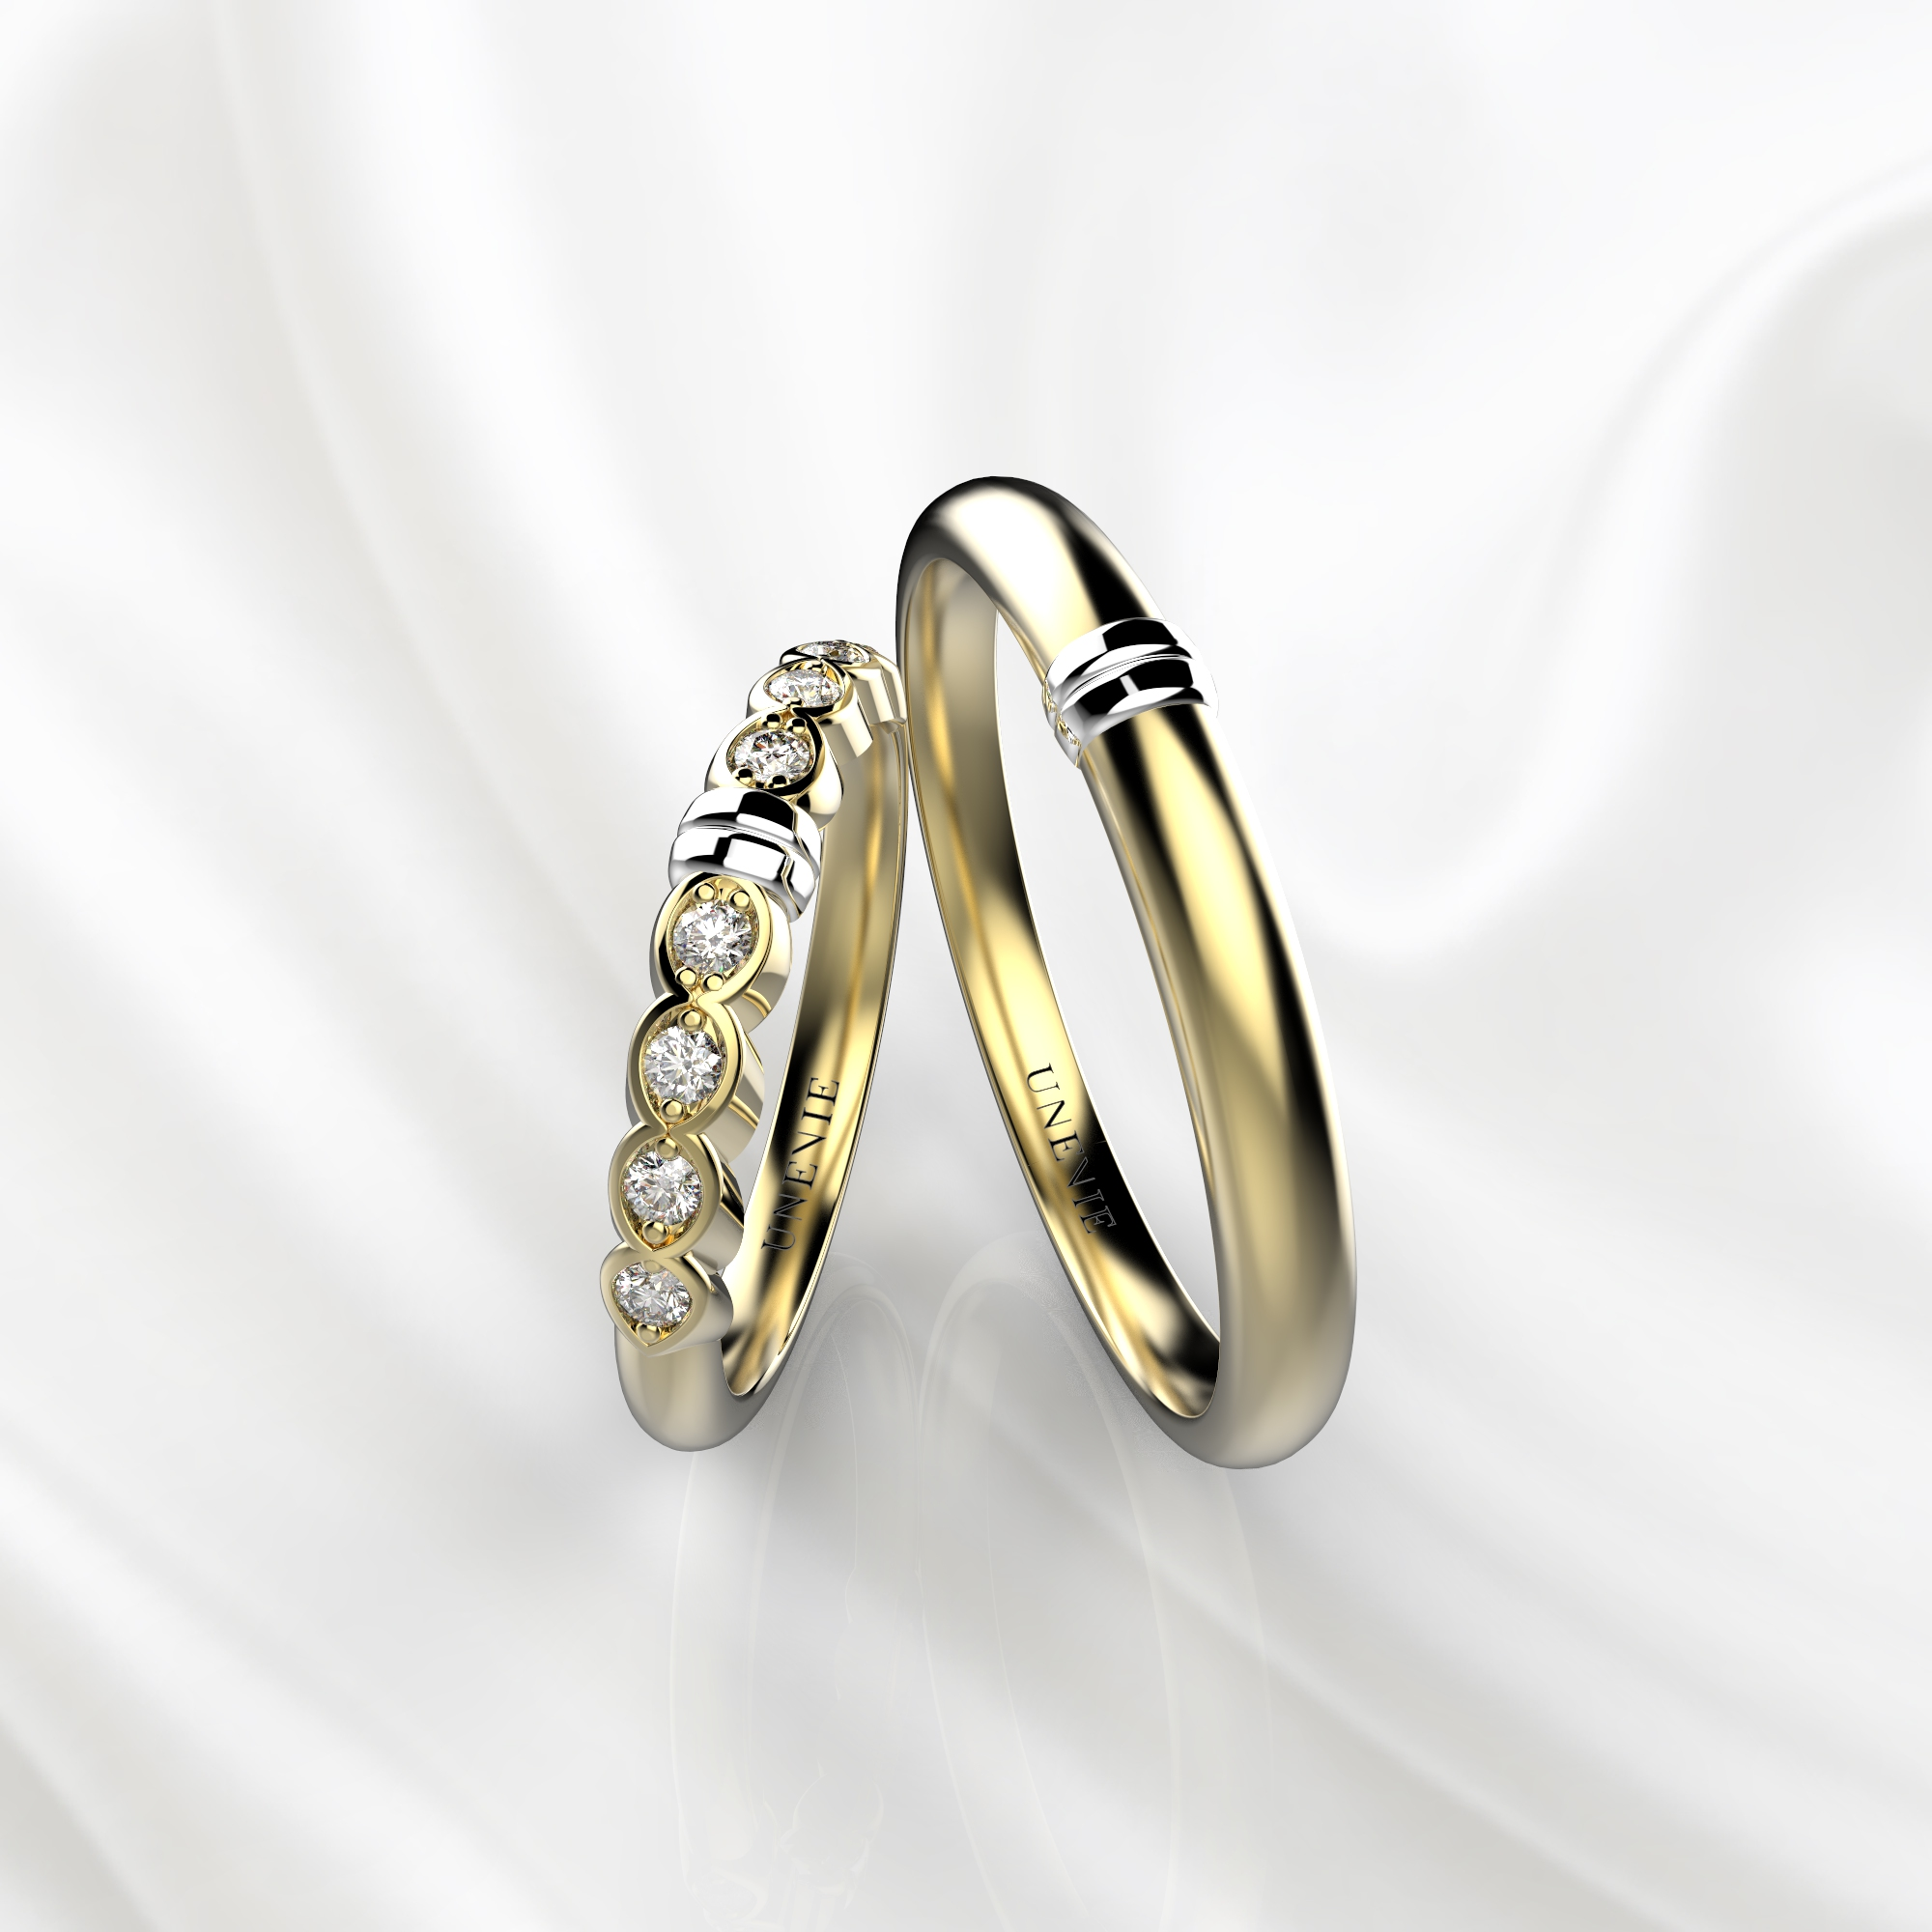 NV36 Обручальные кольца из желто-белого золота с бриллиантами